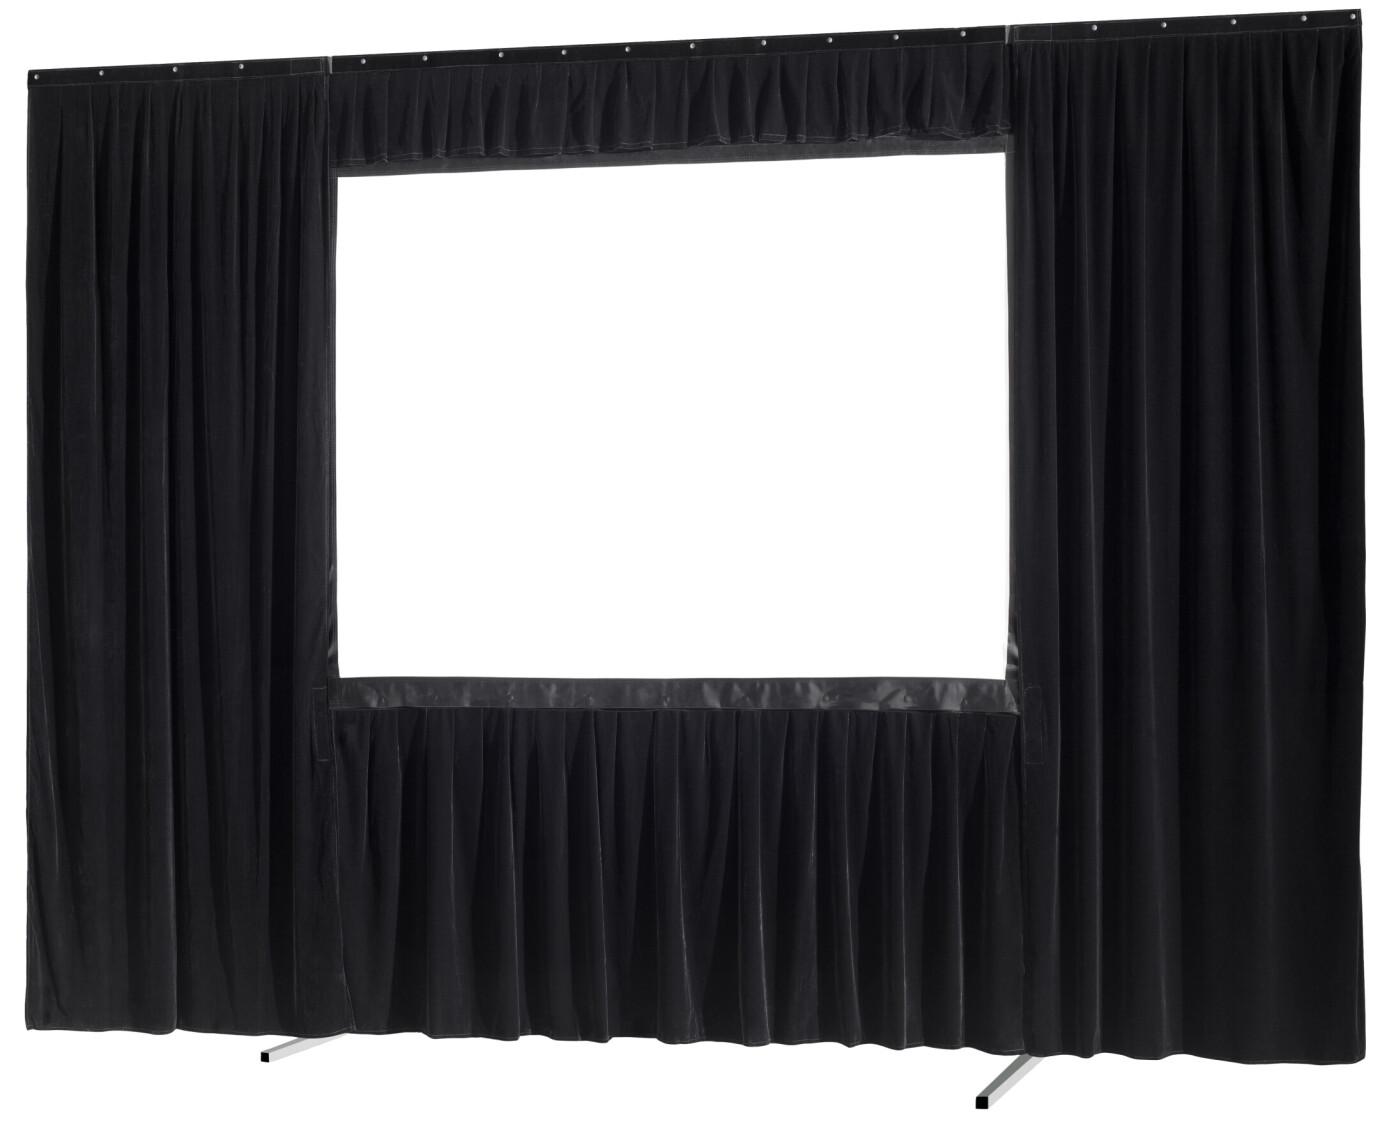 Set tenda 4 lati per schermo pieghevole Mobil Expert 366 x 274 cm